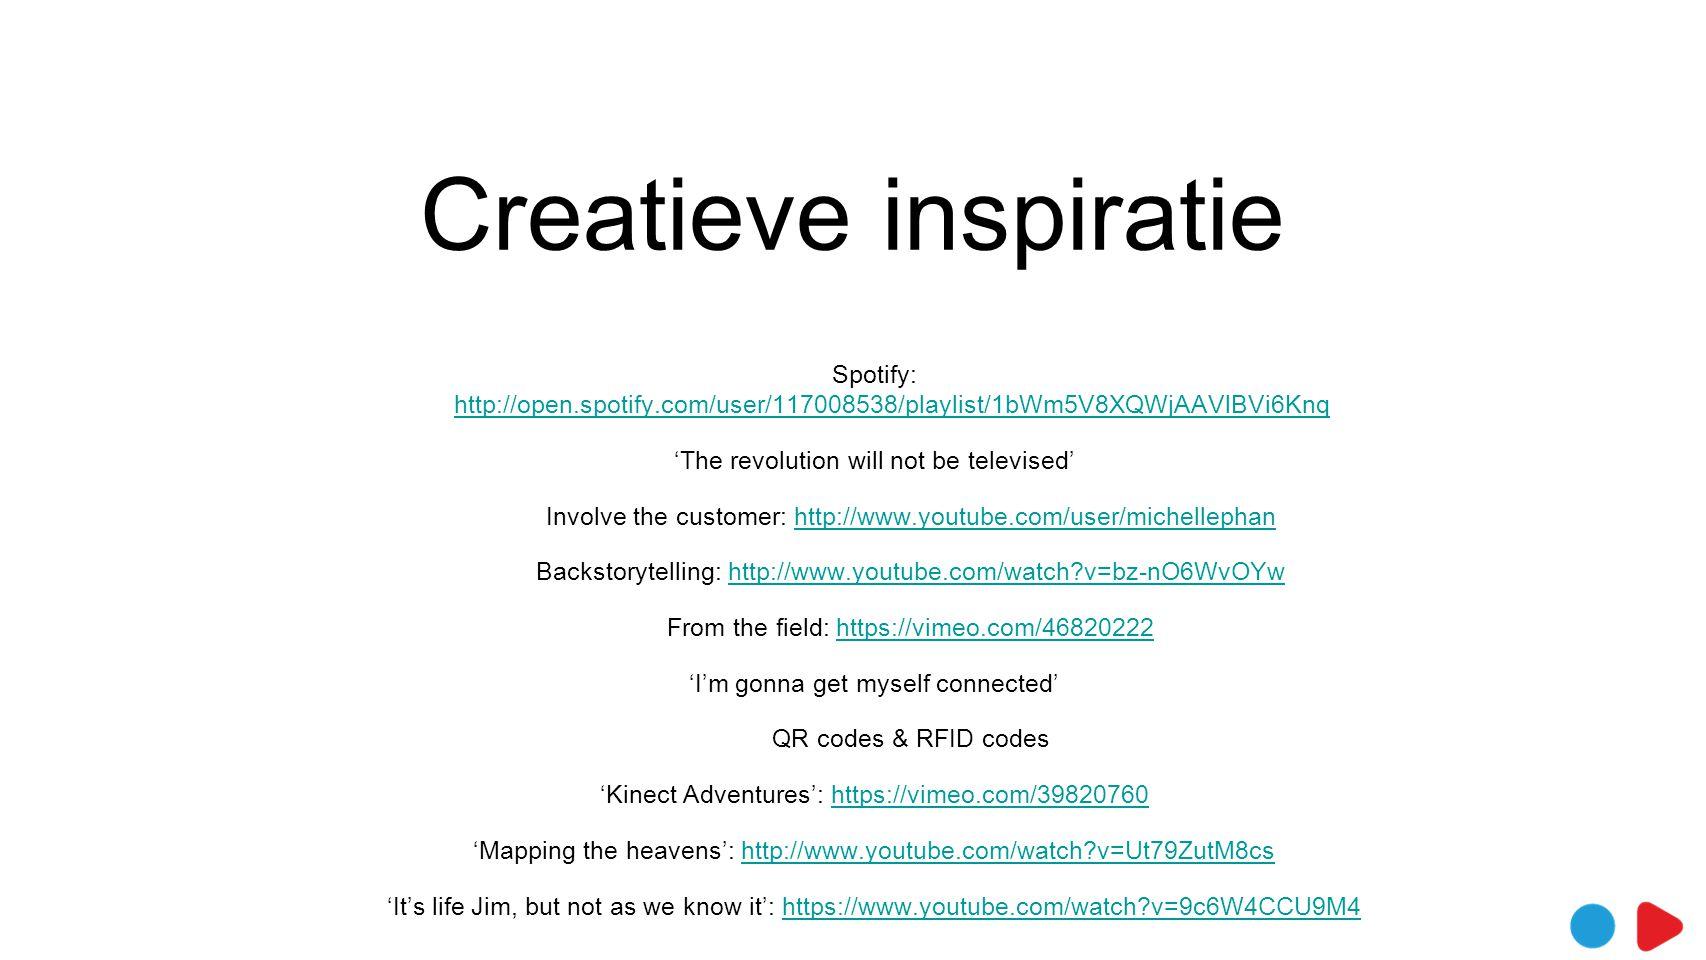 Creatieve inspiratie